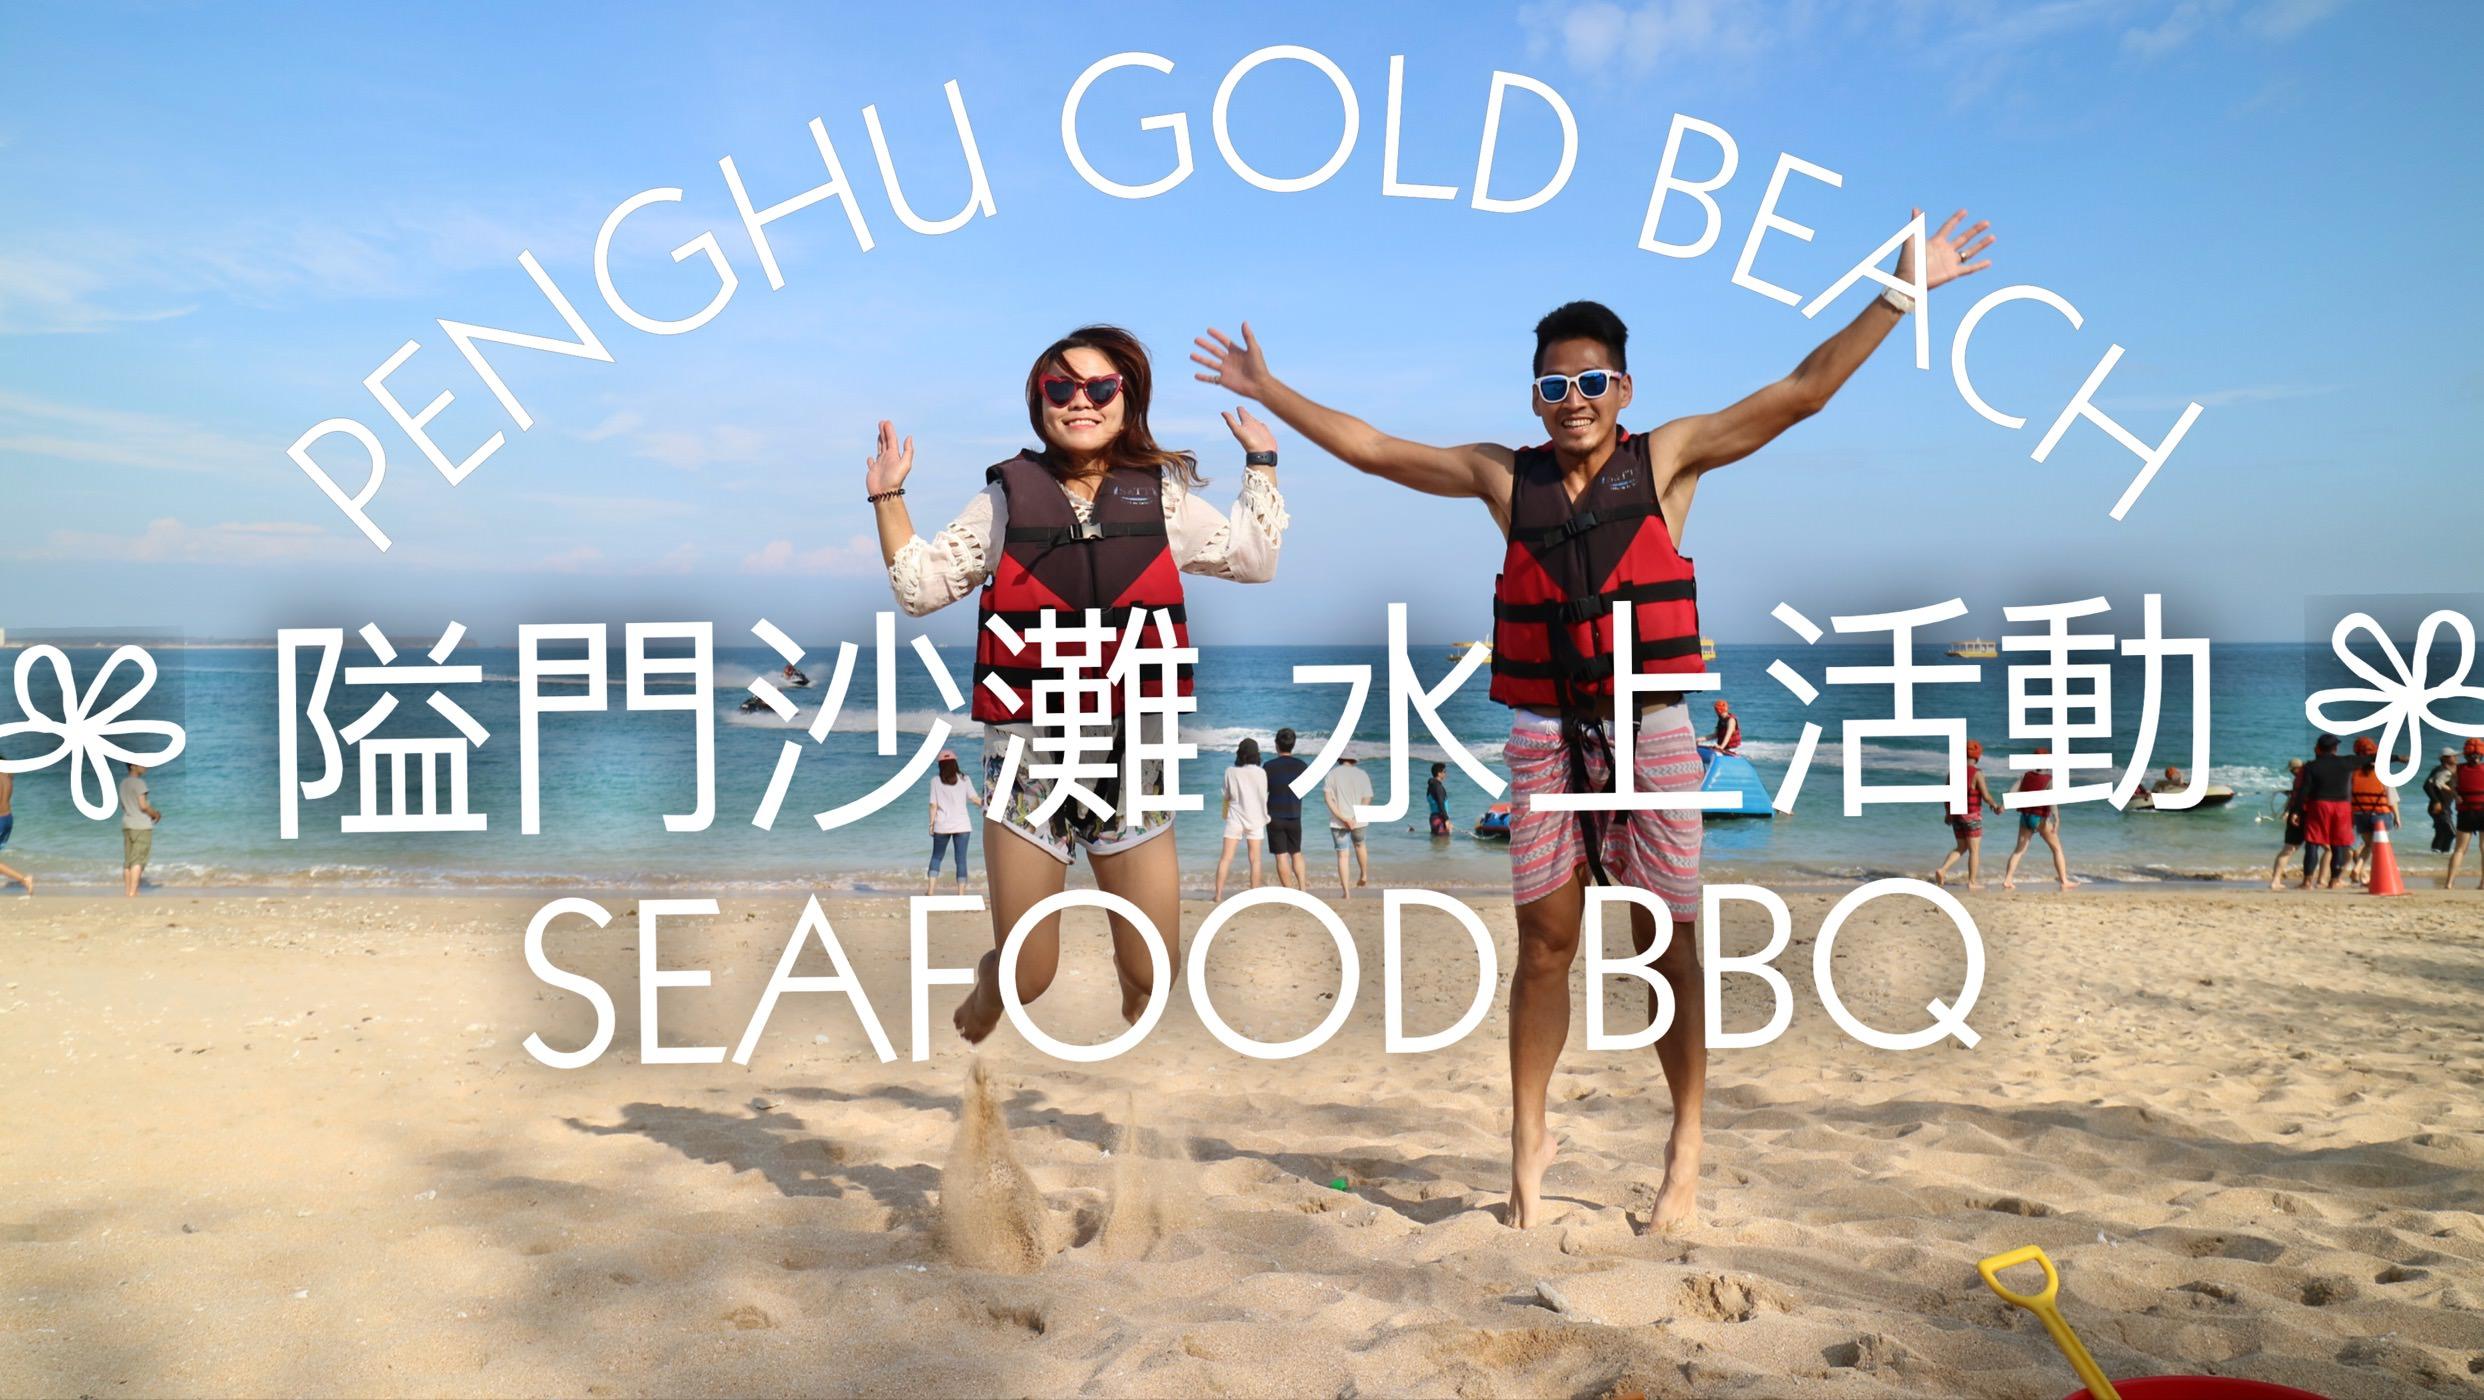 澎湖水上活動🔸隘門金沙灘八合一不限次數玩 海鮮BBQ吃不停 最美沙灘